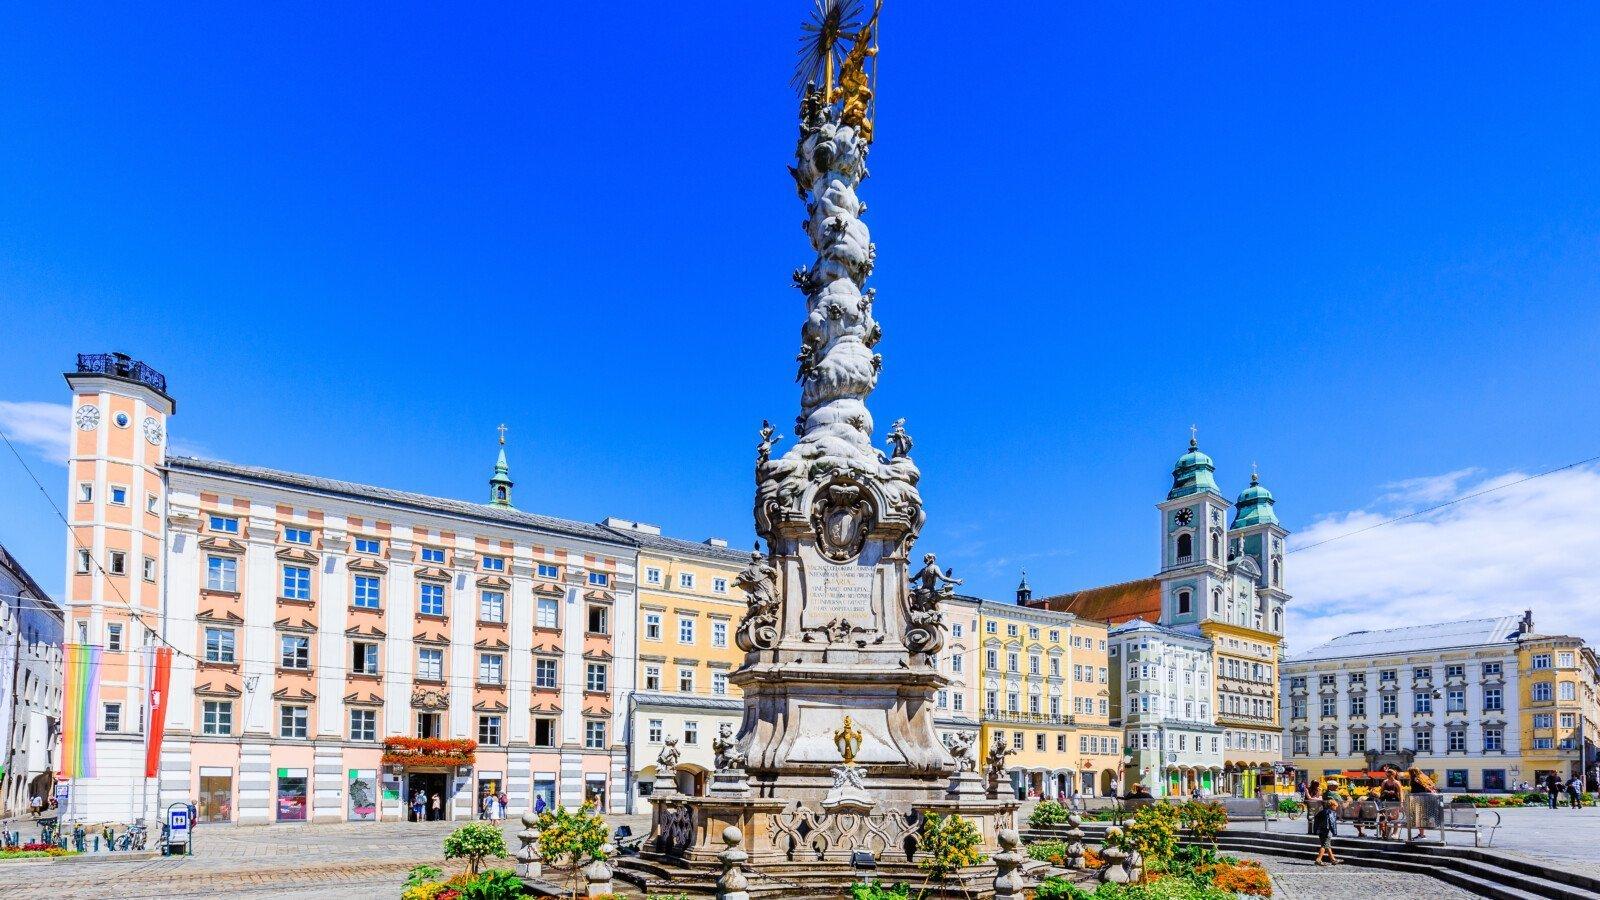 Reinigungsservice in Linz